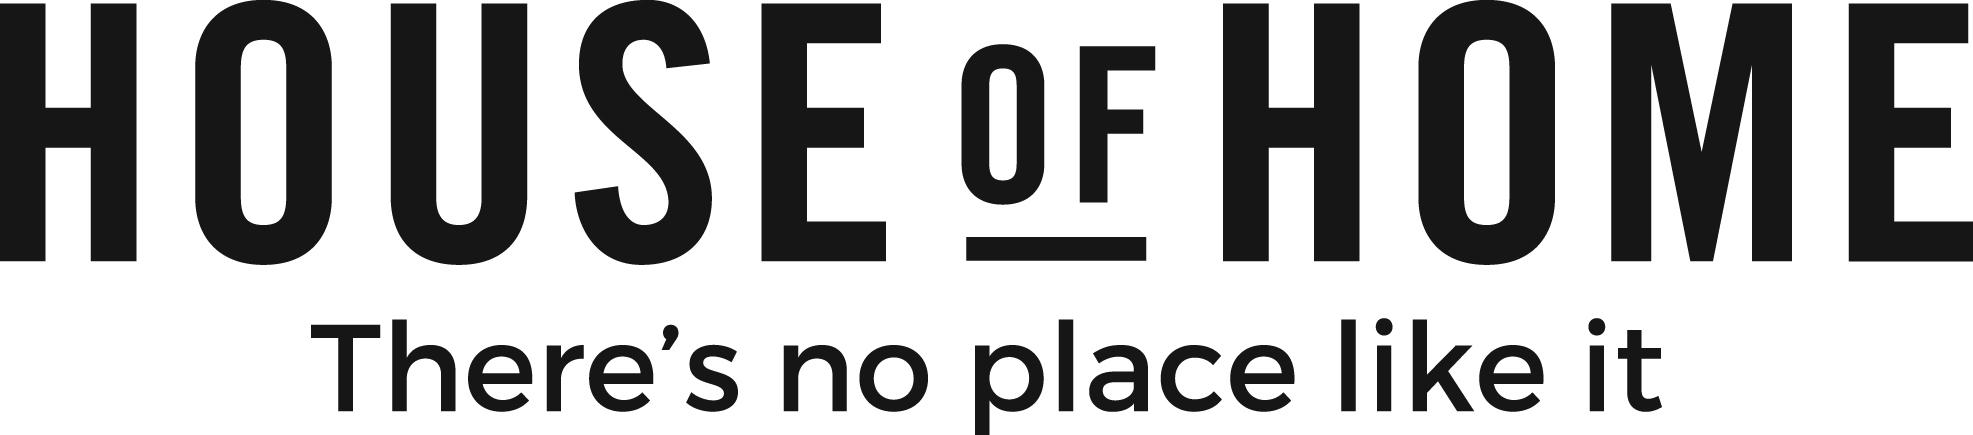 house-of-home-logo.jpg